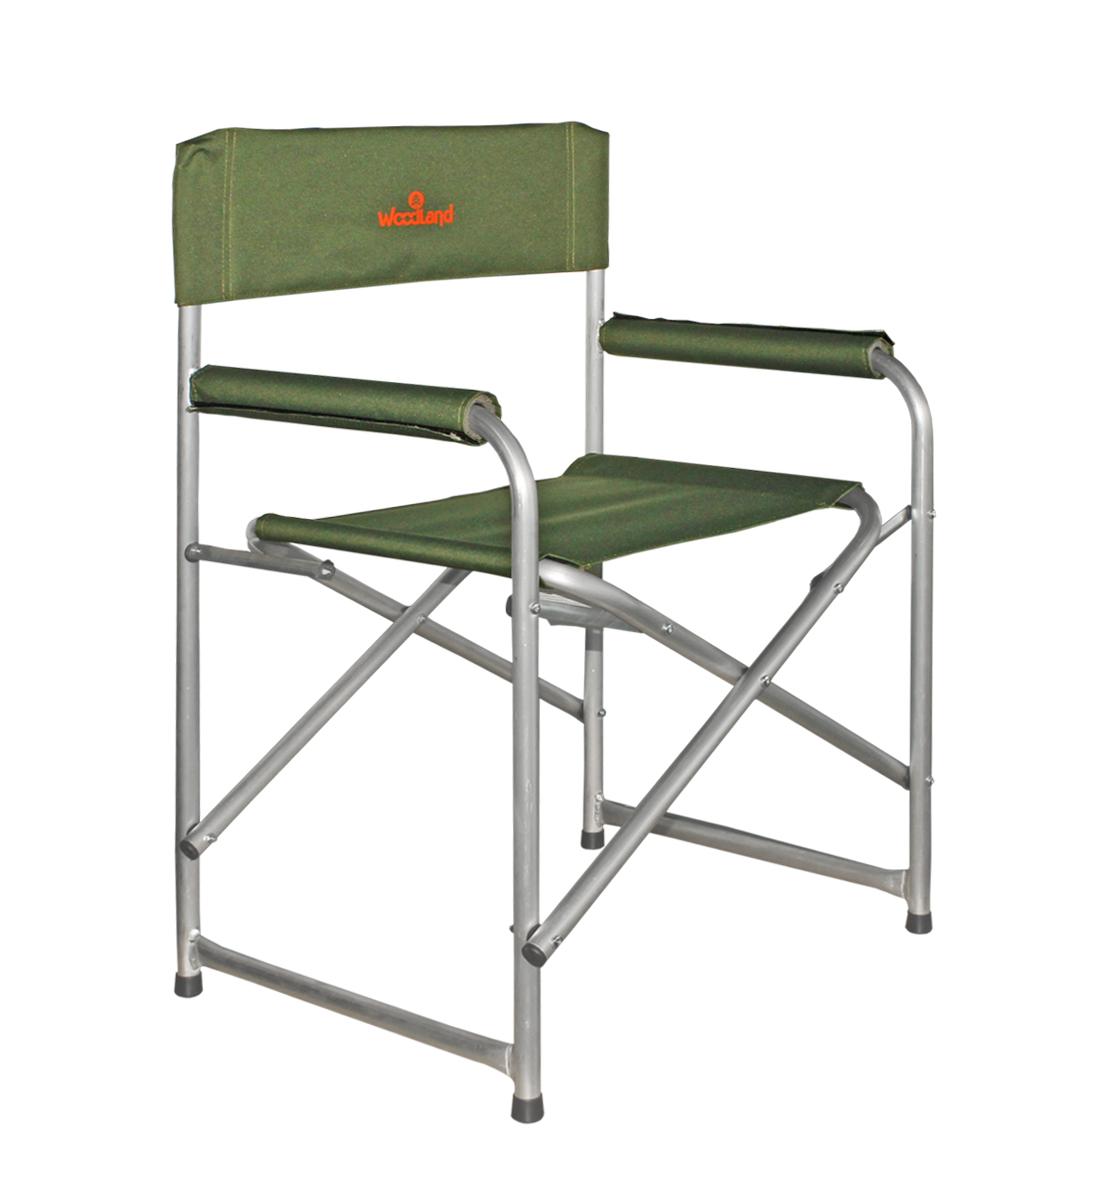 Кресло Woodland Outdoor ALU, 56 х 57 х 50 (81) см (алюминий)Стулья, кресла<br>МОДЕЛЬ: OUTDOOR МАТЕРИАЛЫ: Алюминий ? 22 мм. <br>Oxford 600D РАЗМЕР: 56 х 57 х 50 (81) см. ВЕС: 2,5 кг. Облегченная <br>конструкция каркаса. Усилены соединительные <br>элементы. Компактная складная конструкция. <br>Прочный алюминиевый каркас, диаметром 22 <br>мм. Водоотталкивающее ПВХ покрытие ткани <br>Oxford 600D. Максимально допустимая нагрузка <br>120 кг.<br>